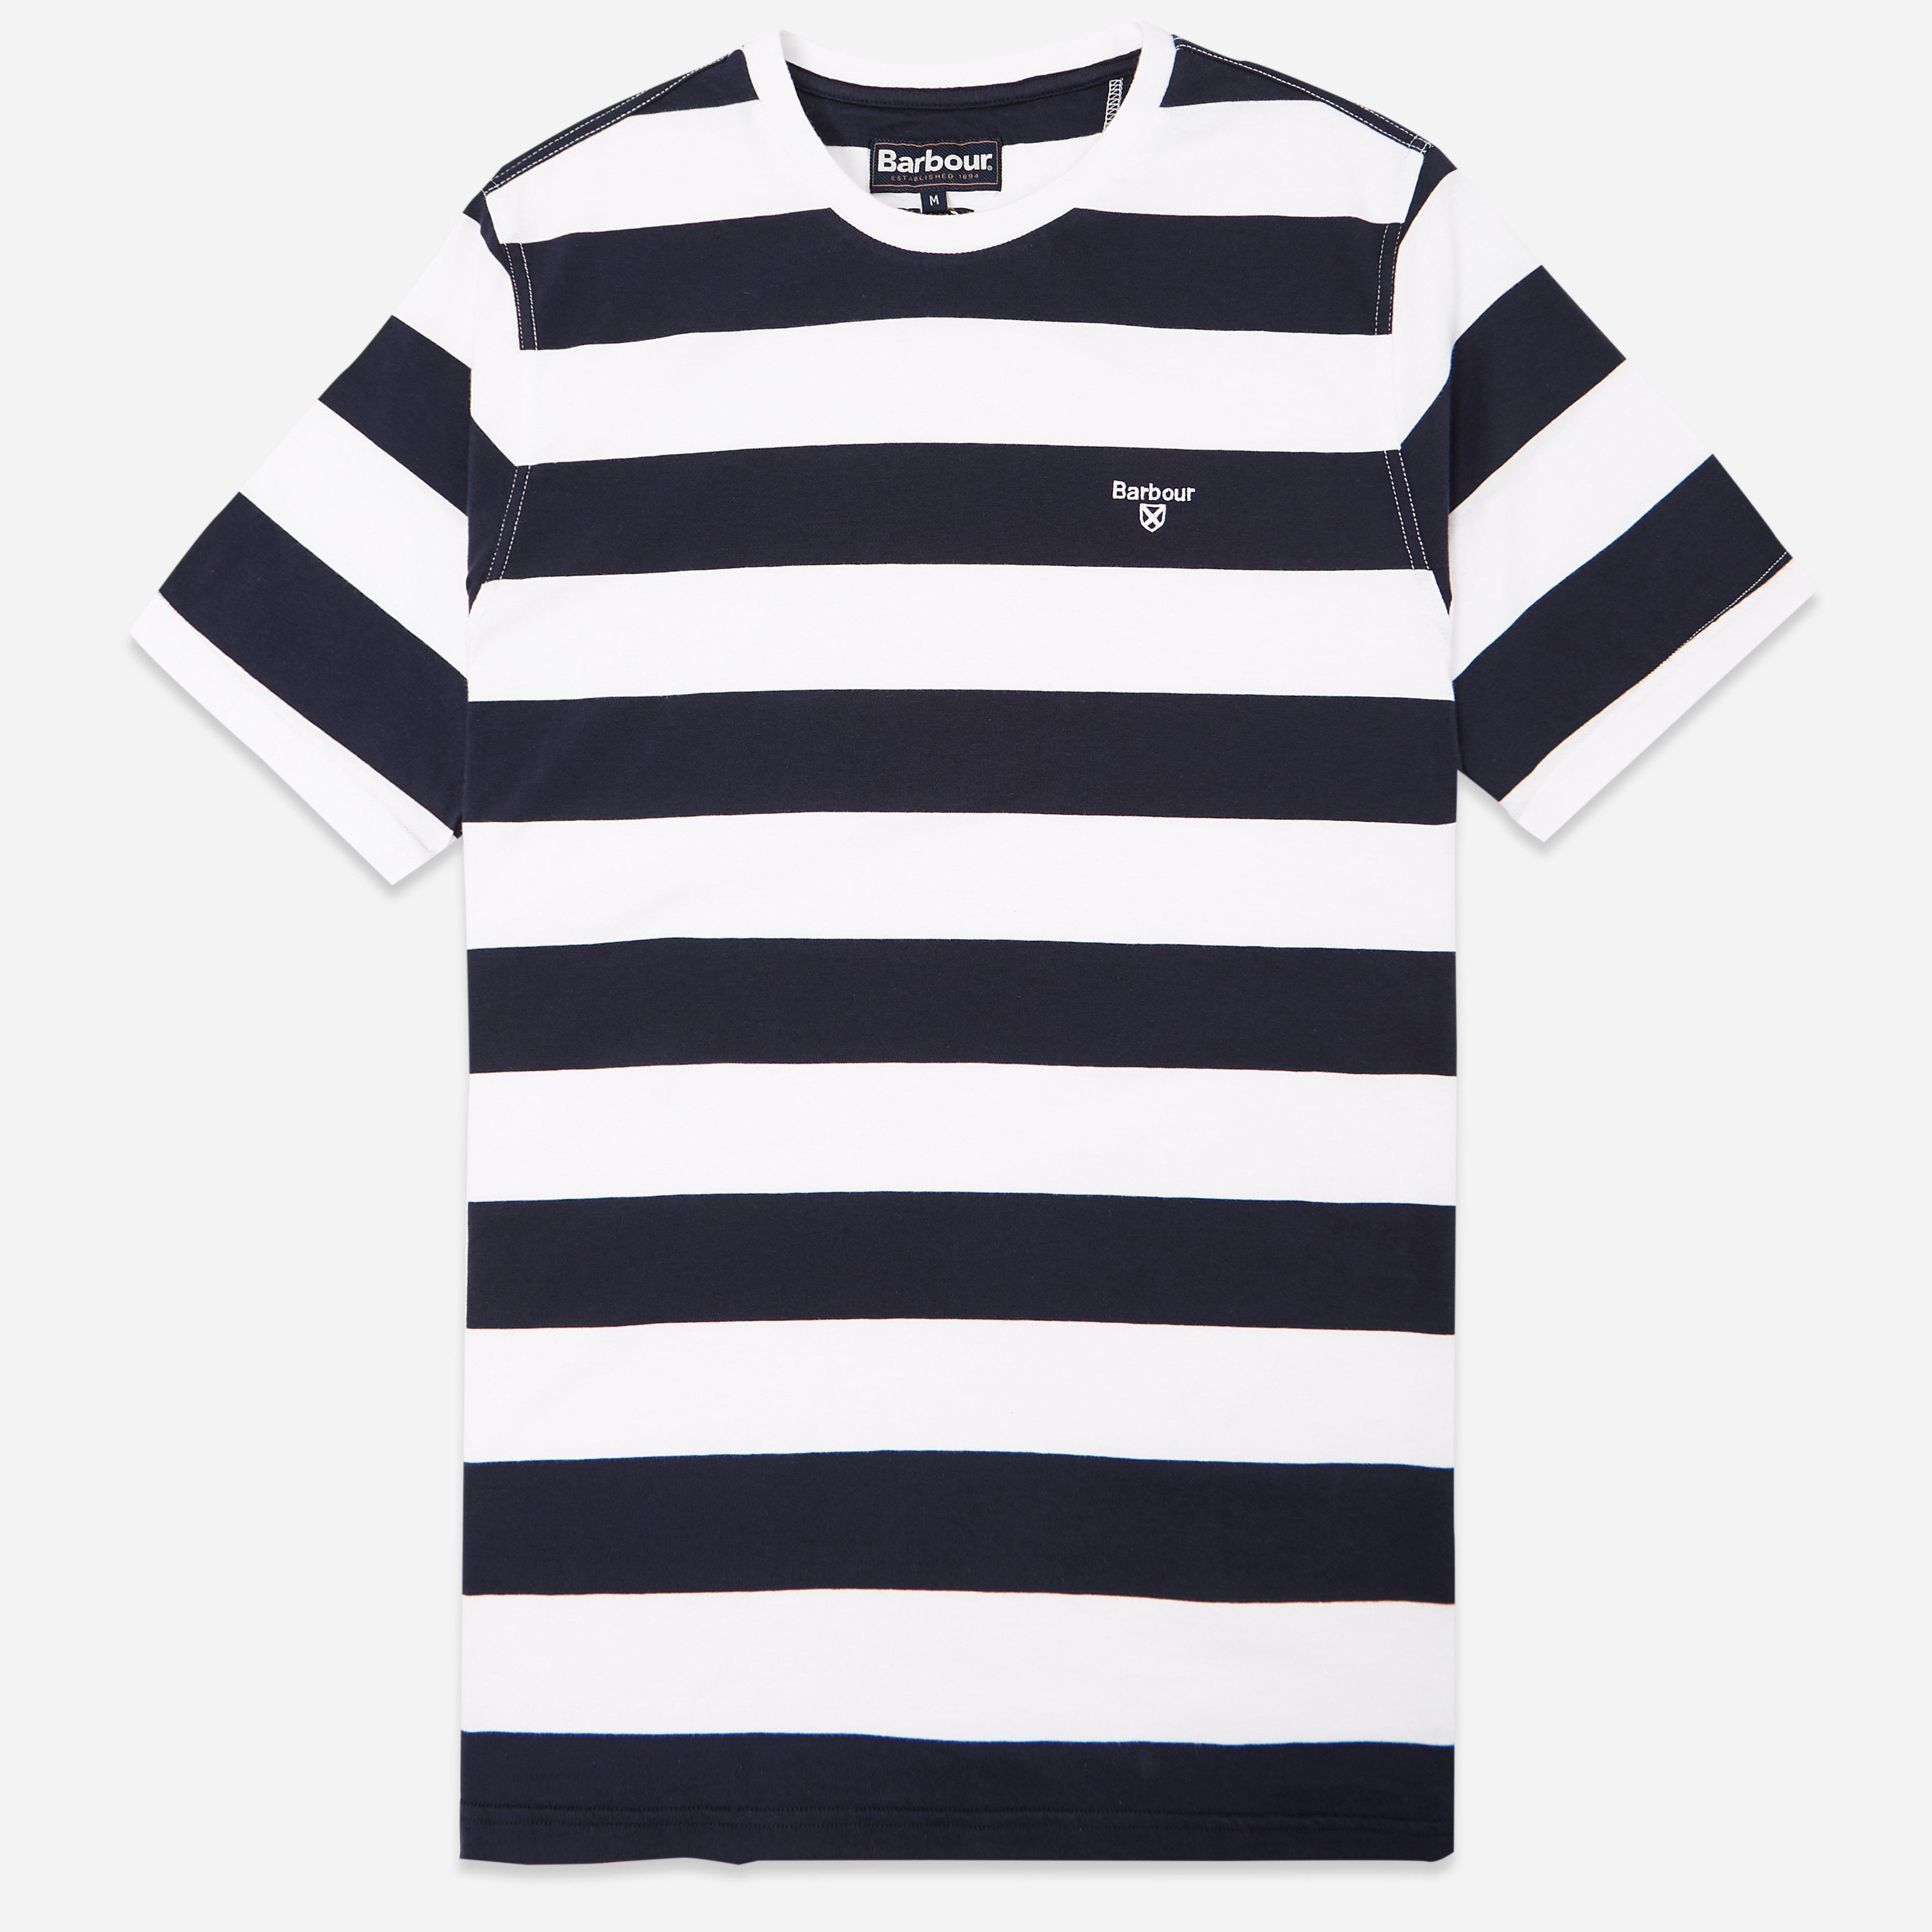 Barbour Bass Stripe T-shirt